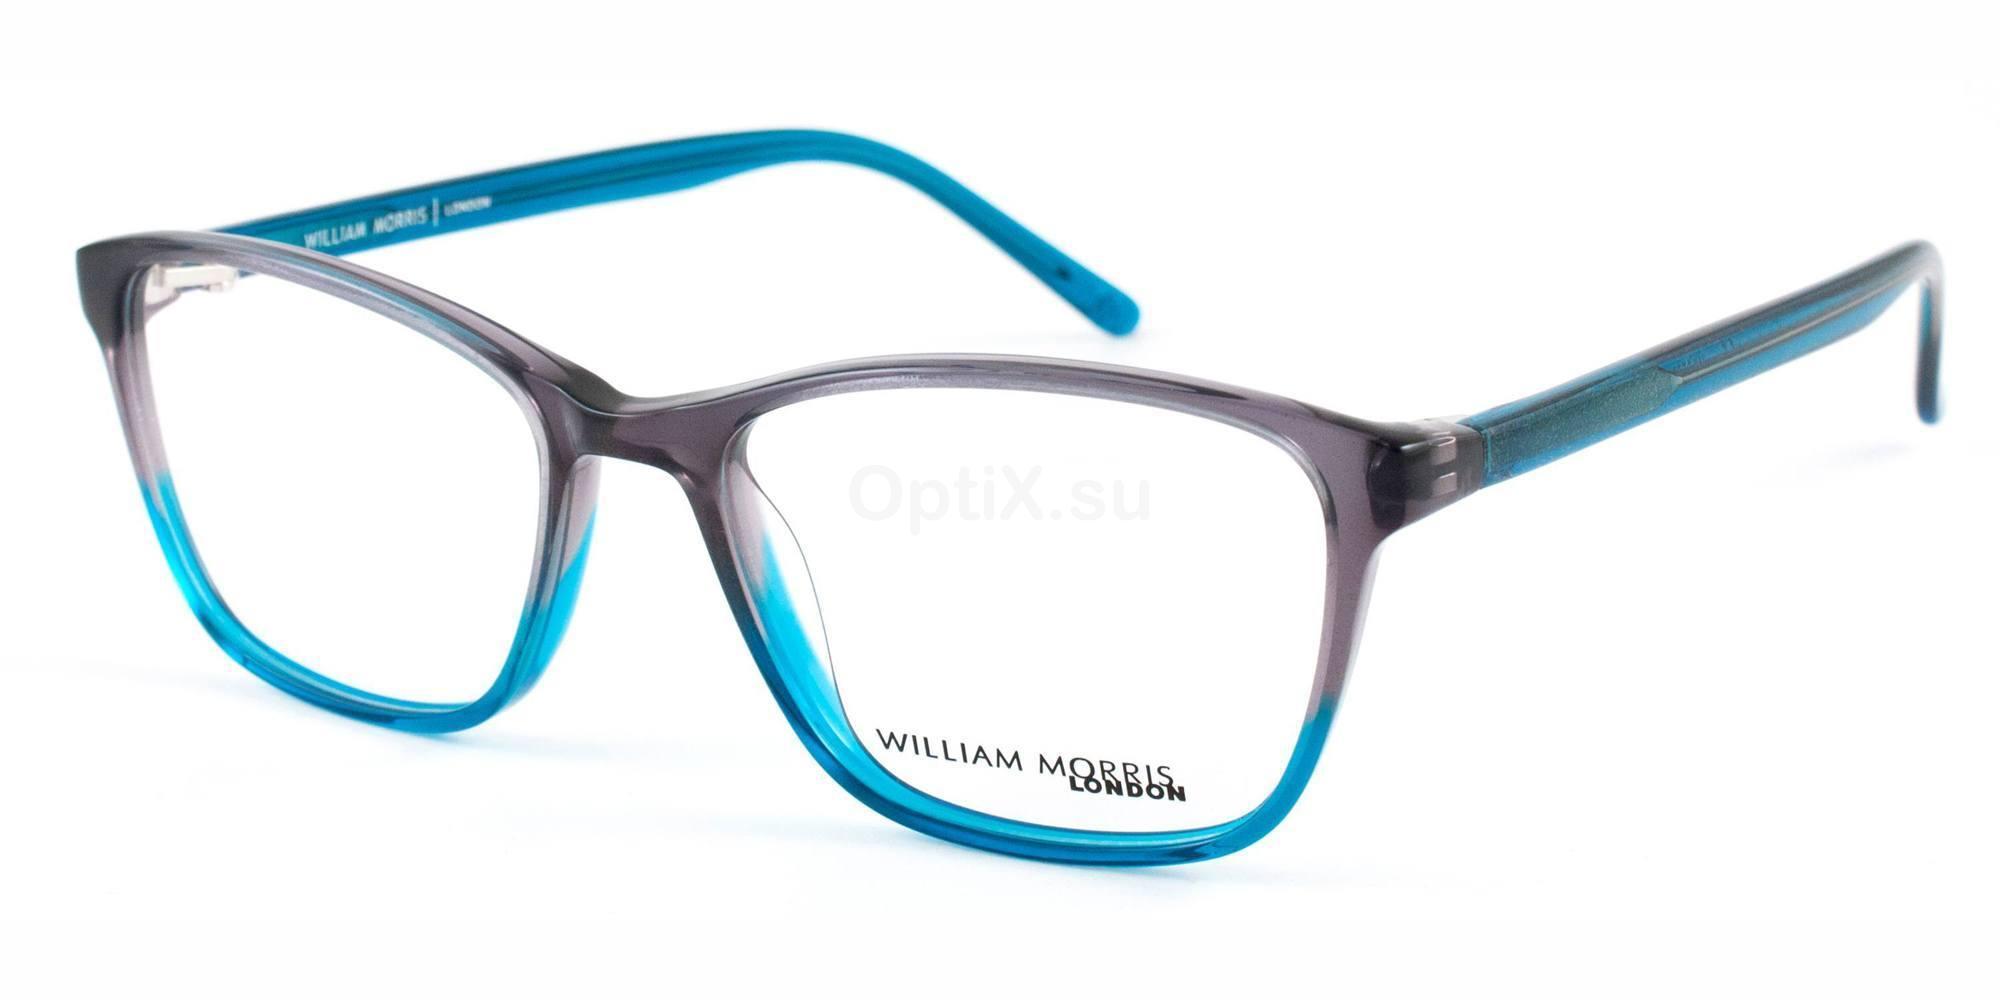 C1 WL3508 , William Morris London